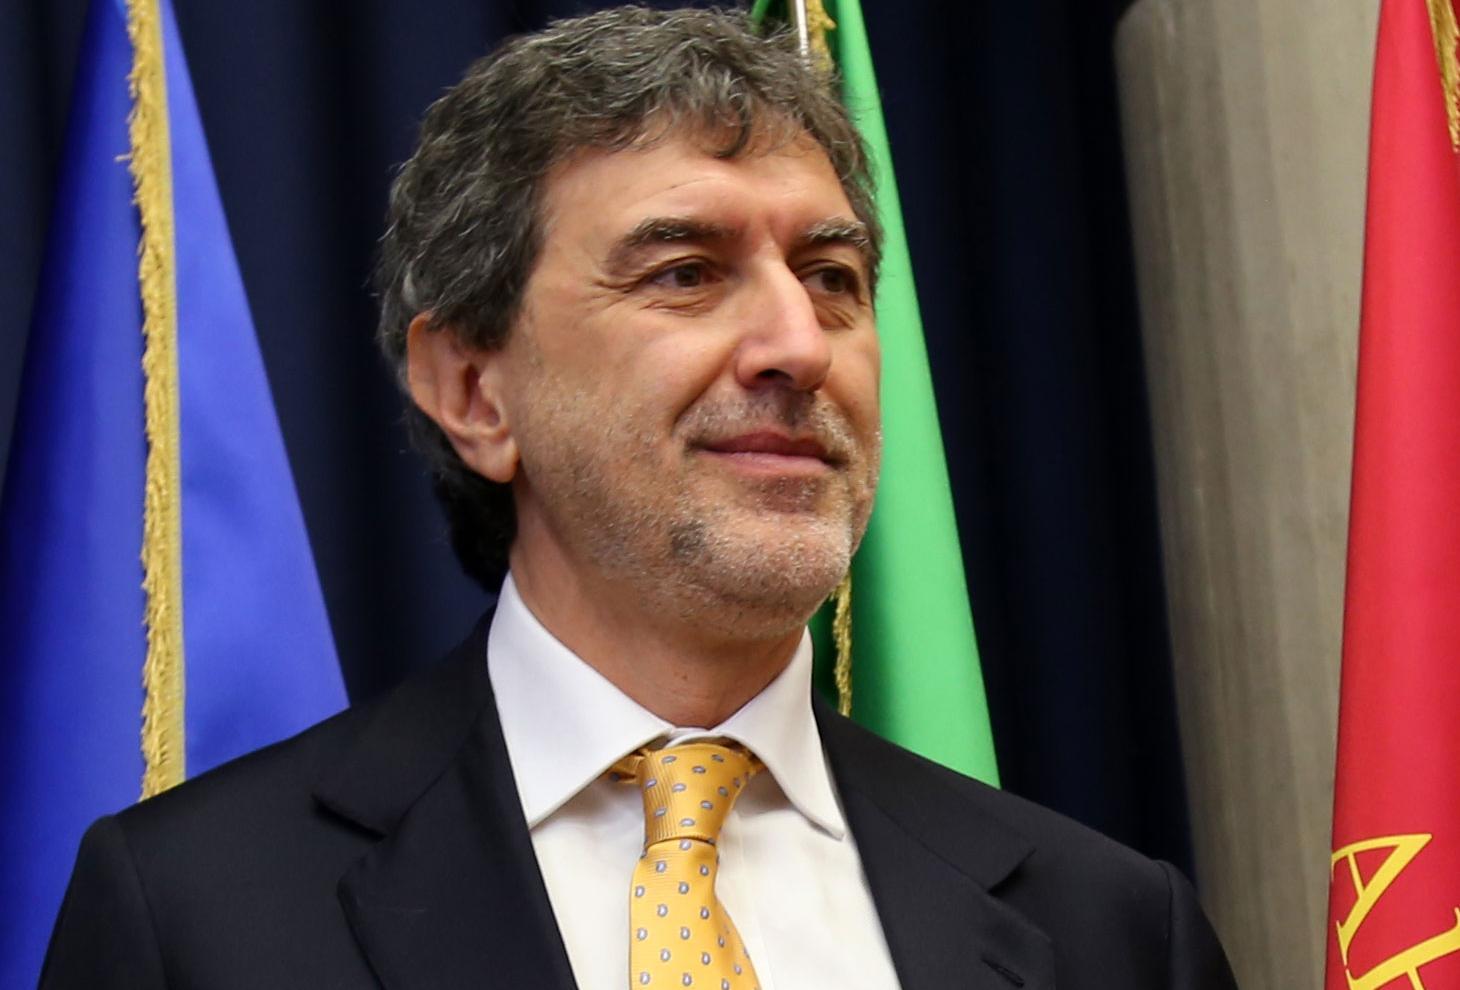 Nella foto il presidente Marsilio